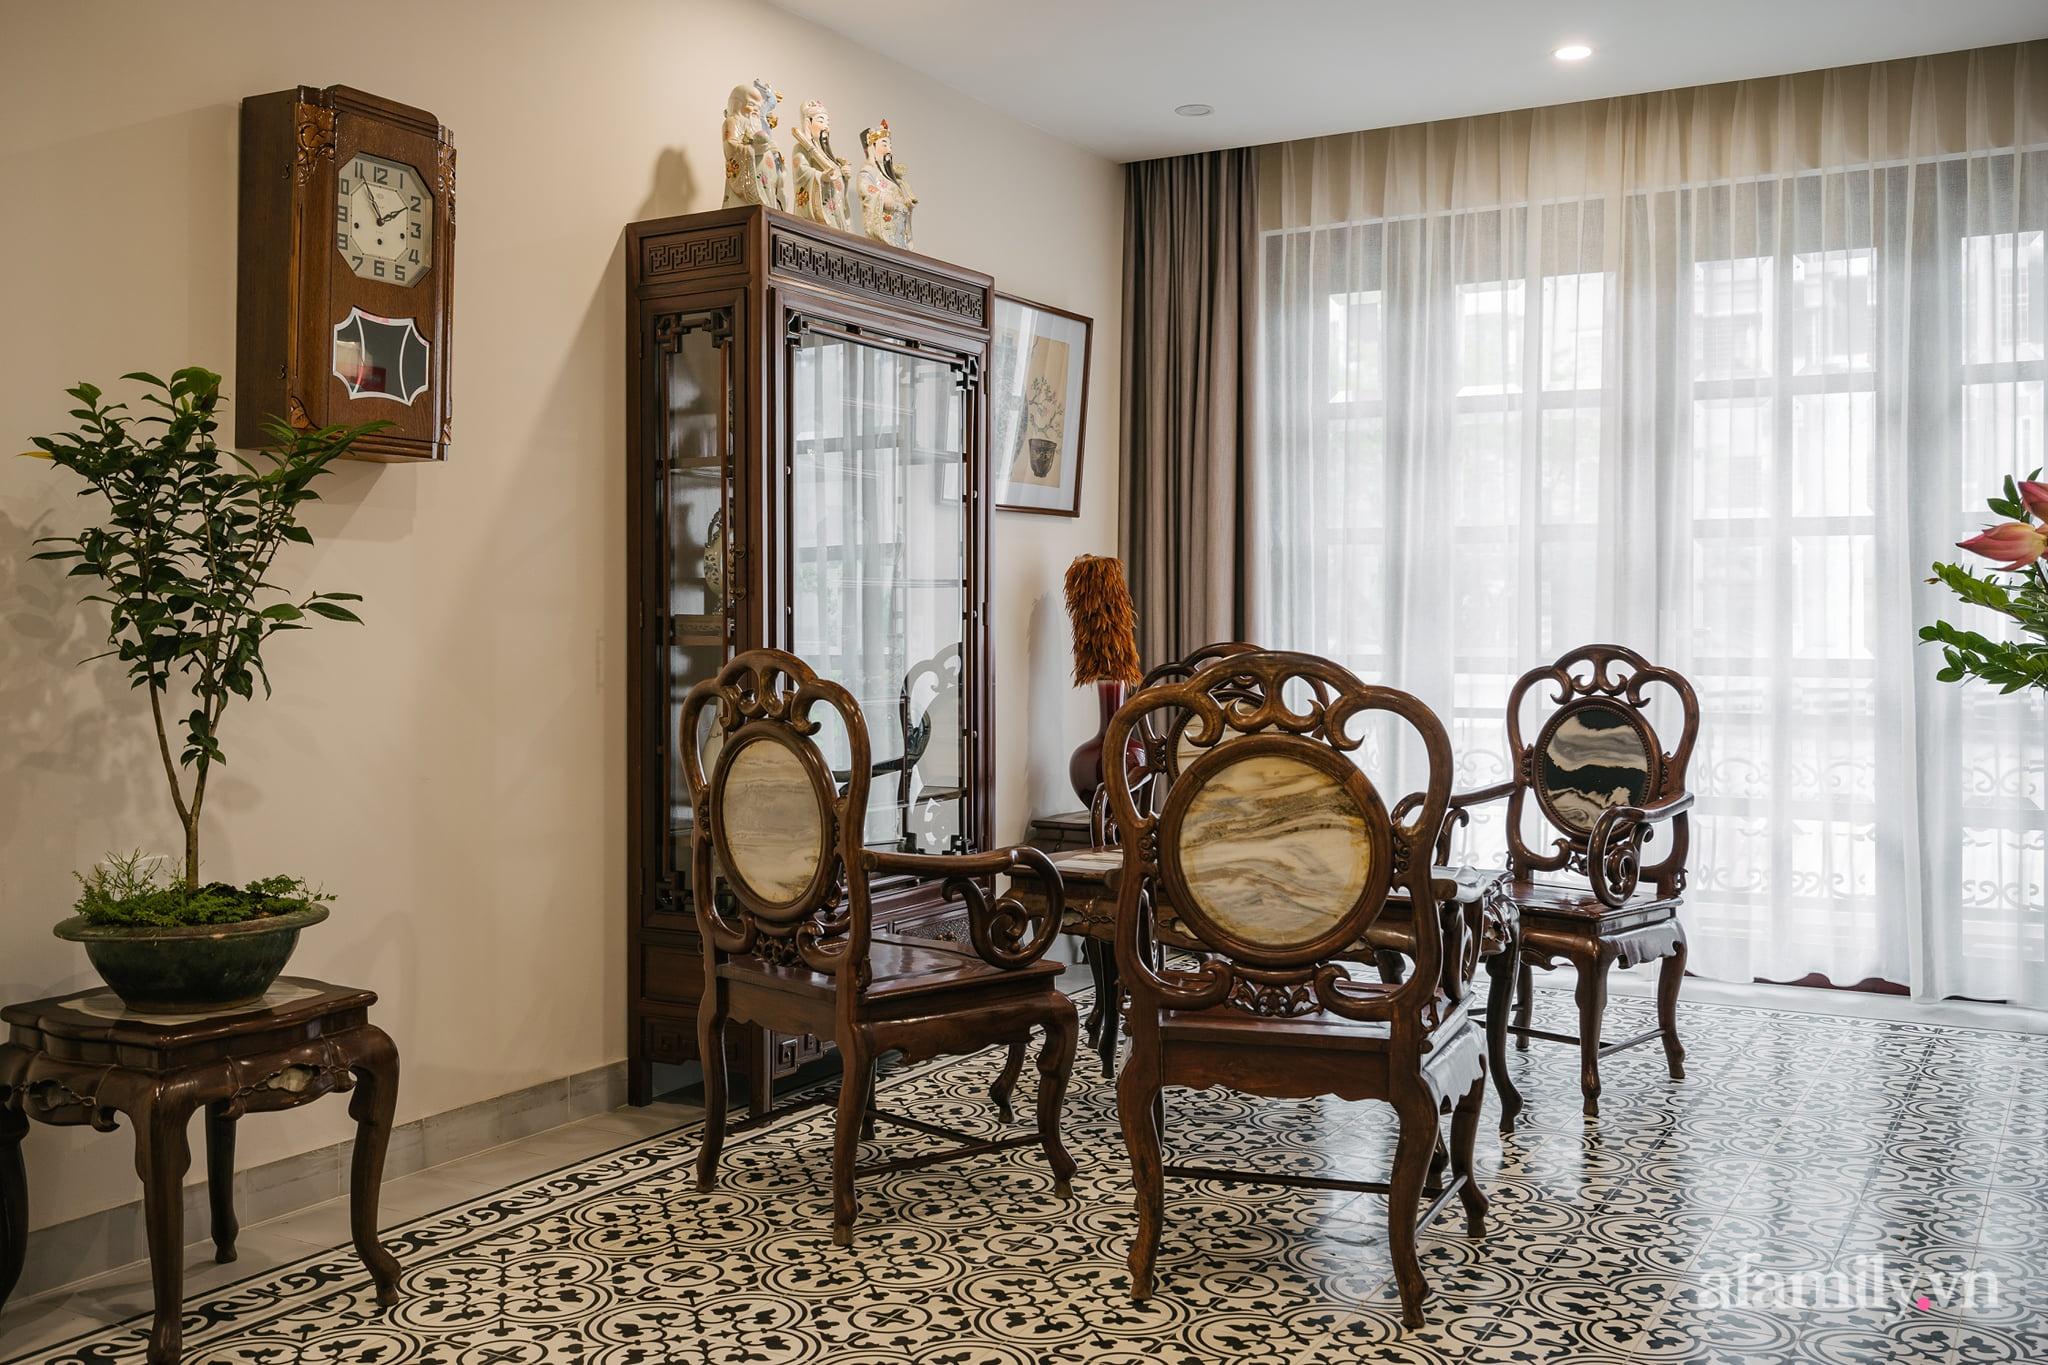 Căn nhà của miền ký ức được xây dựng từ lòng hiếu thảo của con trai dành cho bố mẹ ở Long Biên, Hà Nội - Ảnh 6.